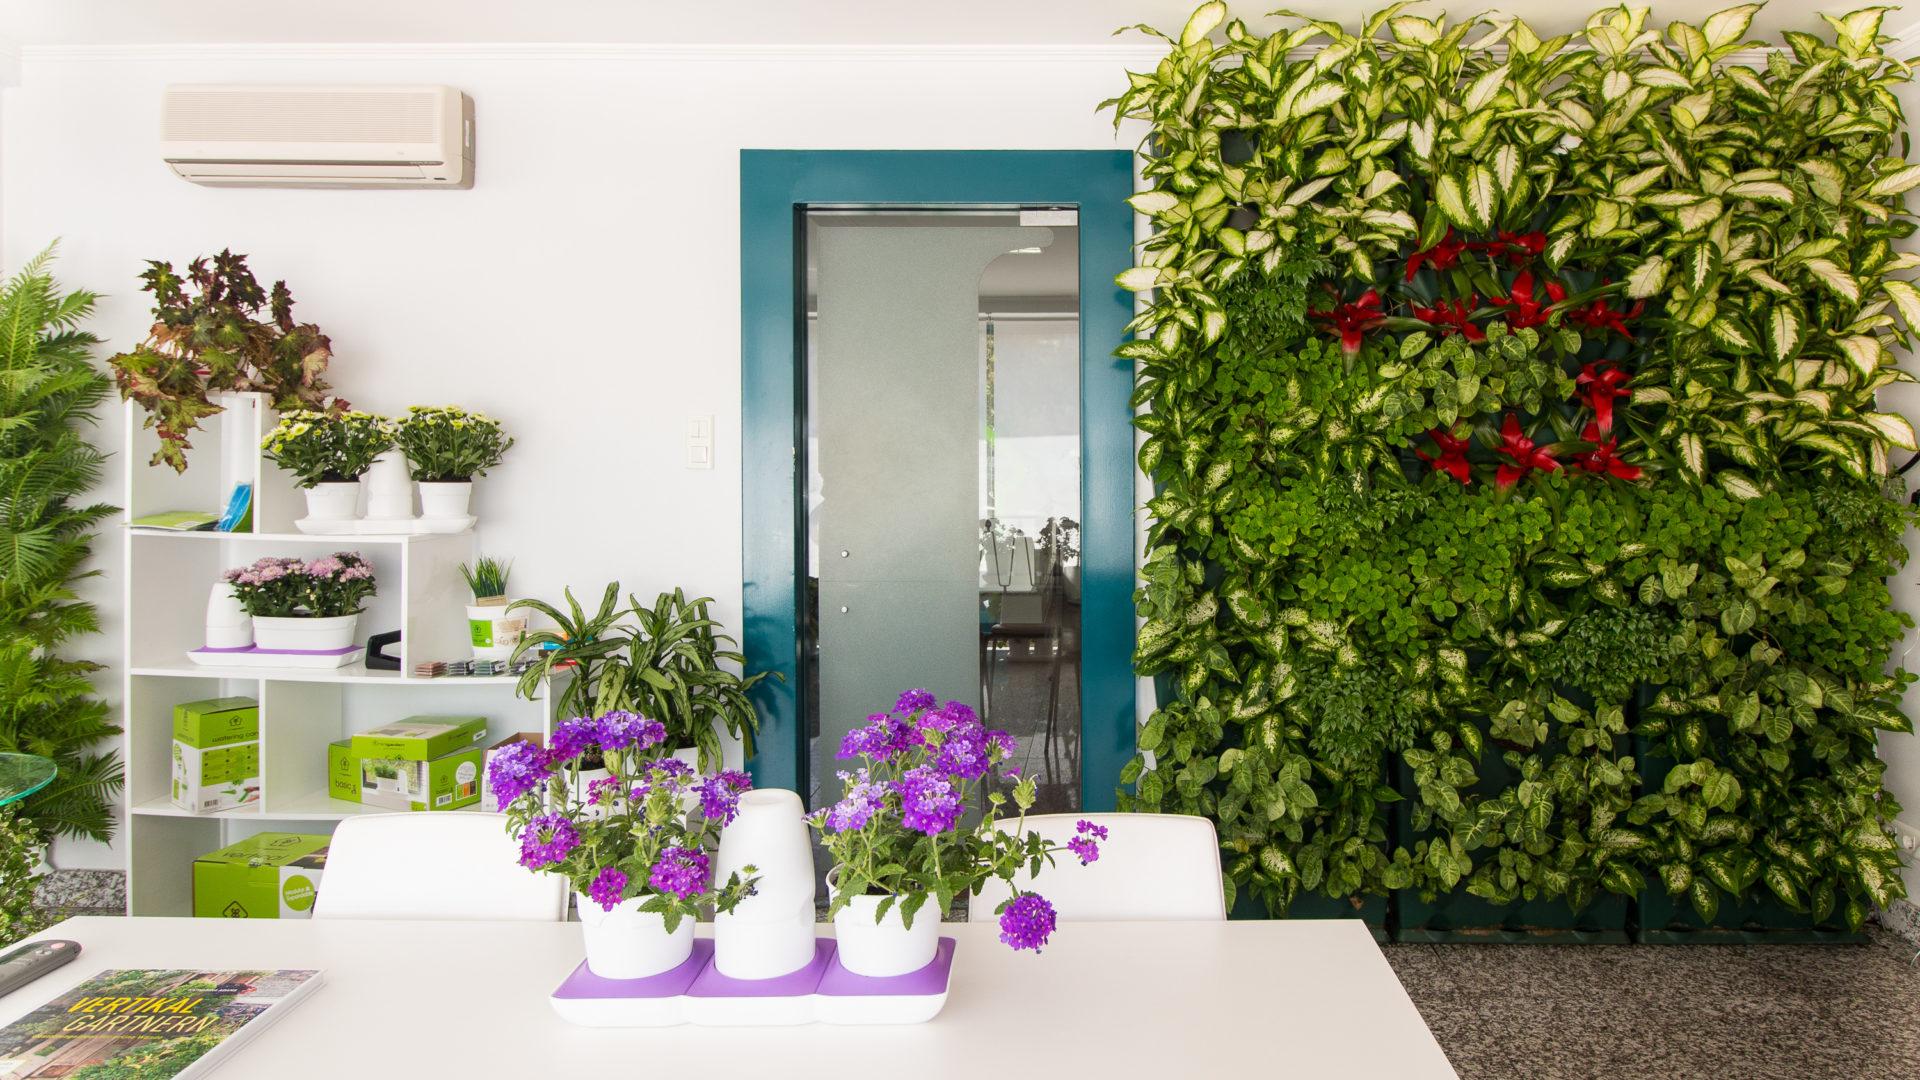 Вертикальное озеленение в квартире своими руками фото фото 389